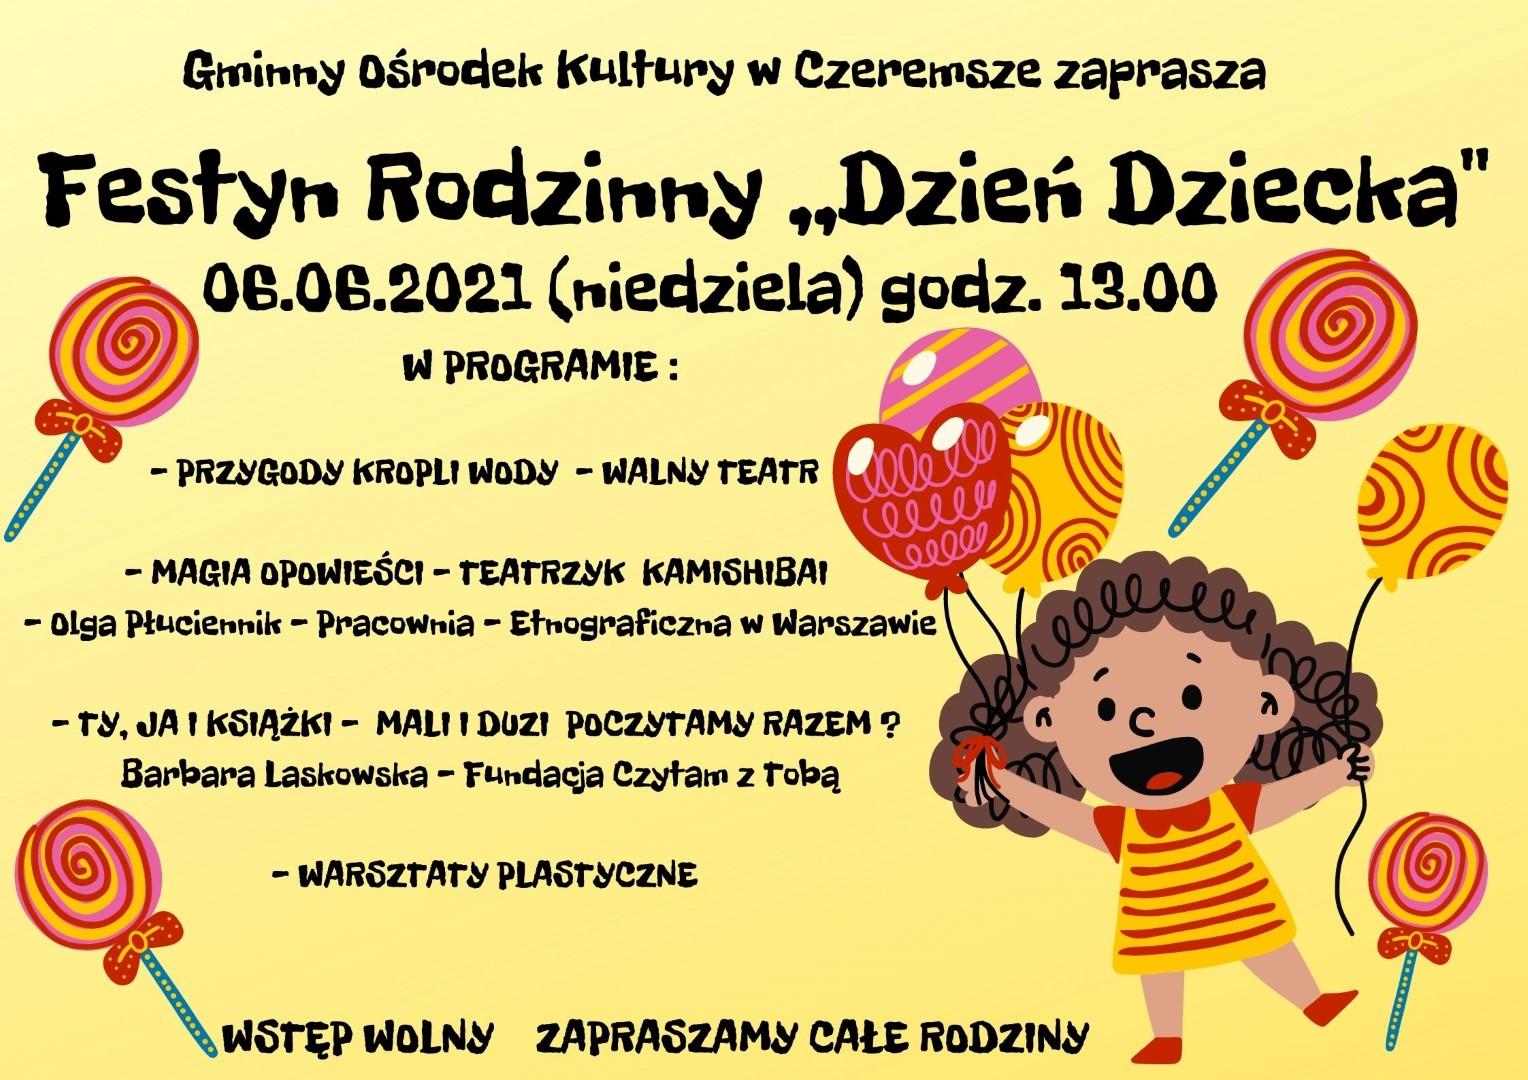 """Festyn Rodzinny """"Dzień Dziecka"""" 06.06.2021 godz.13:00"""